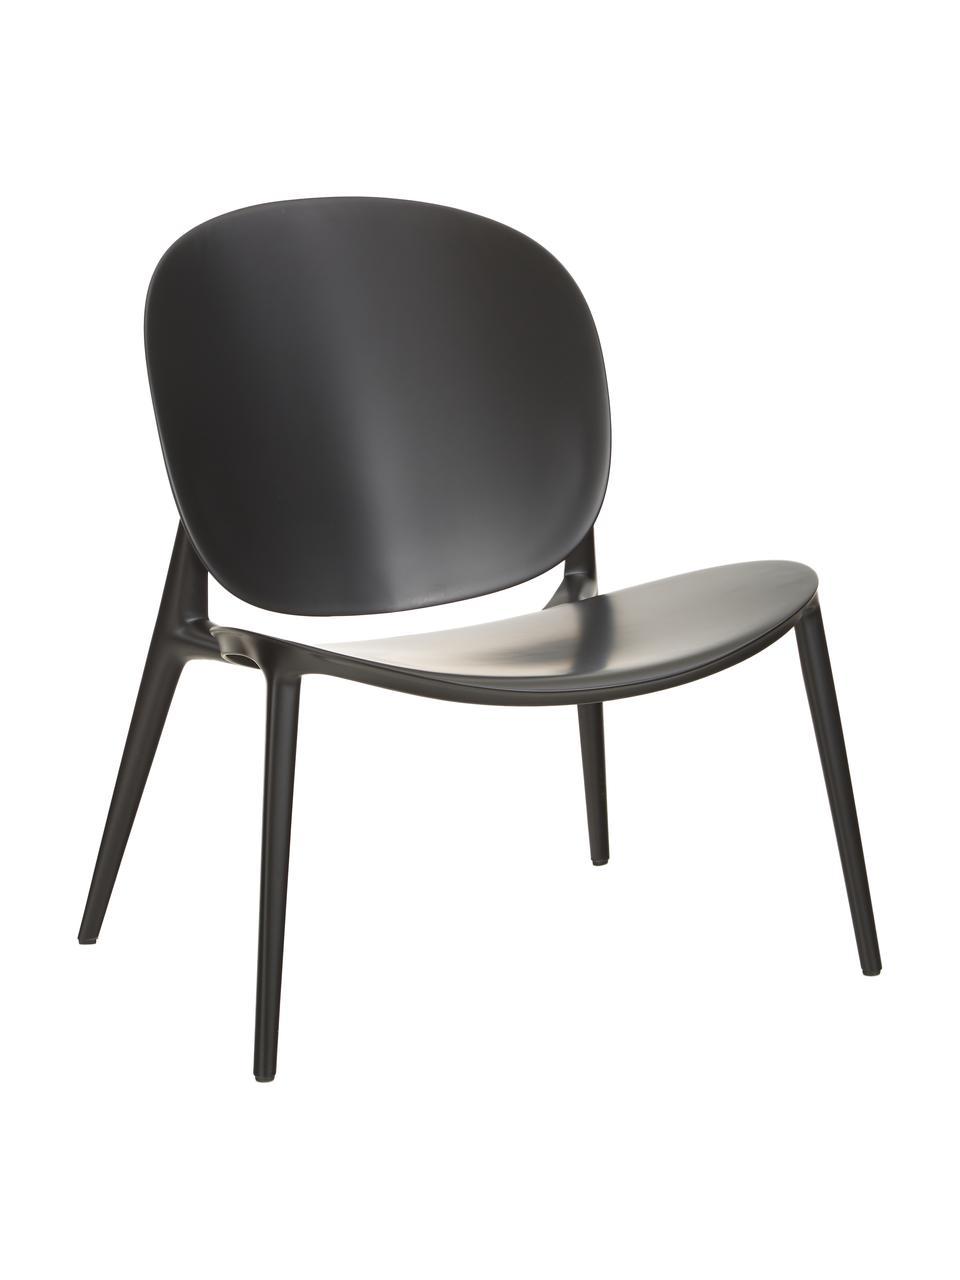 Fotel wypoczynkowy z tworzywa sztucznego Be Bop, Modyfikowany polipropylen, Czarny, S 69 x G 62 cm